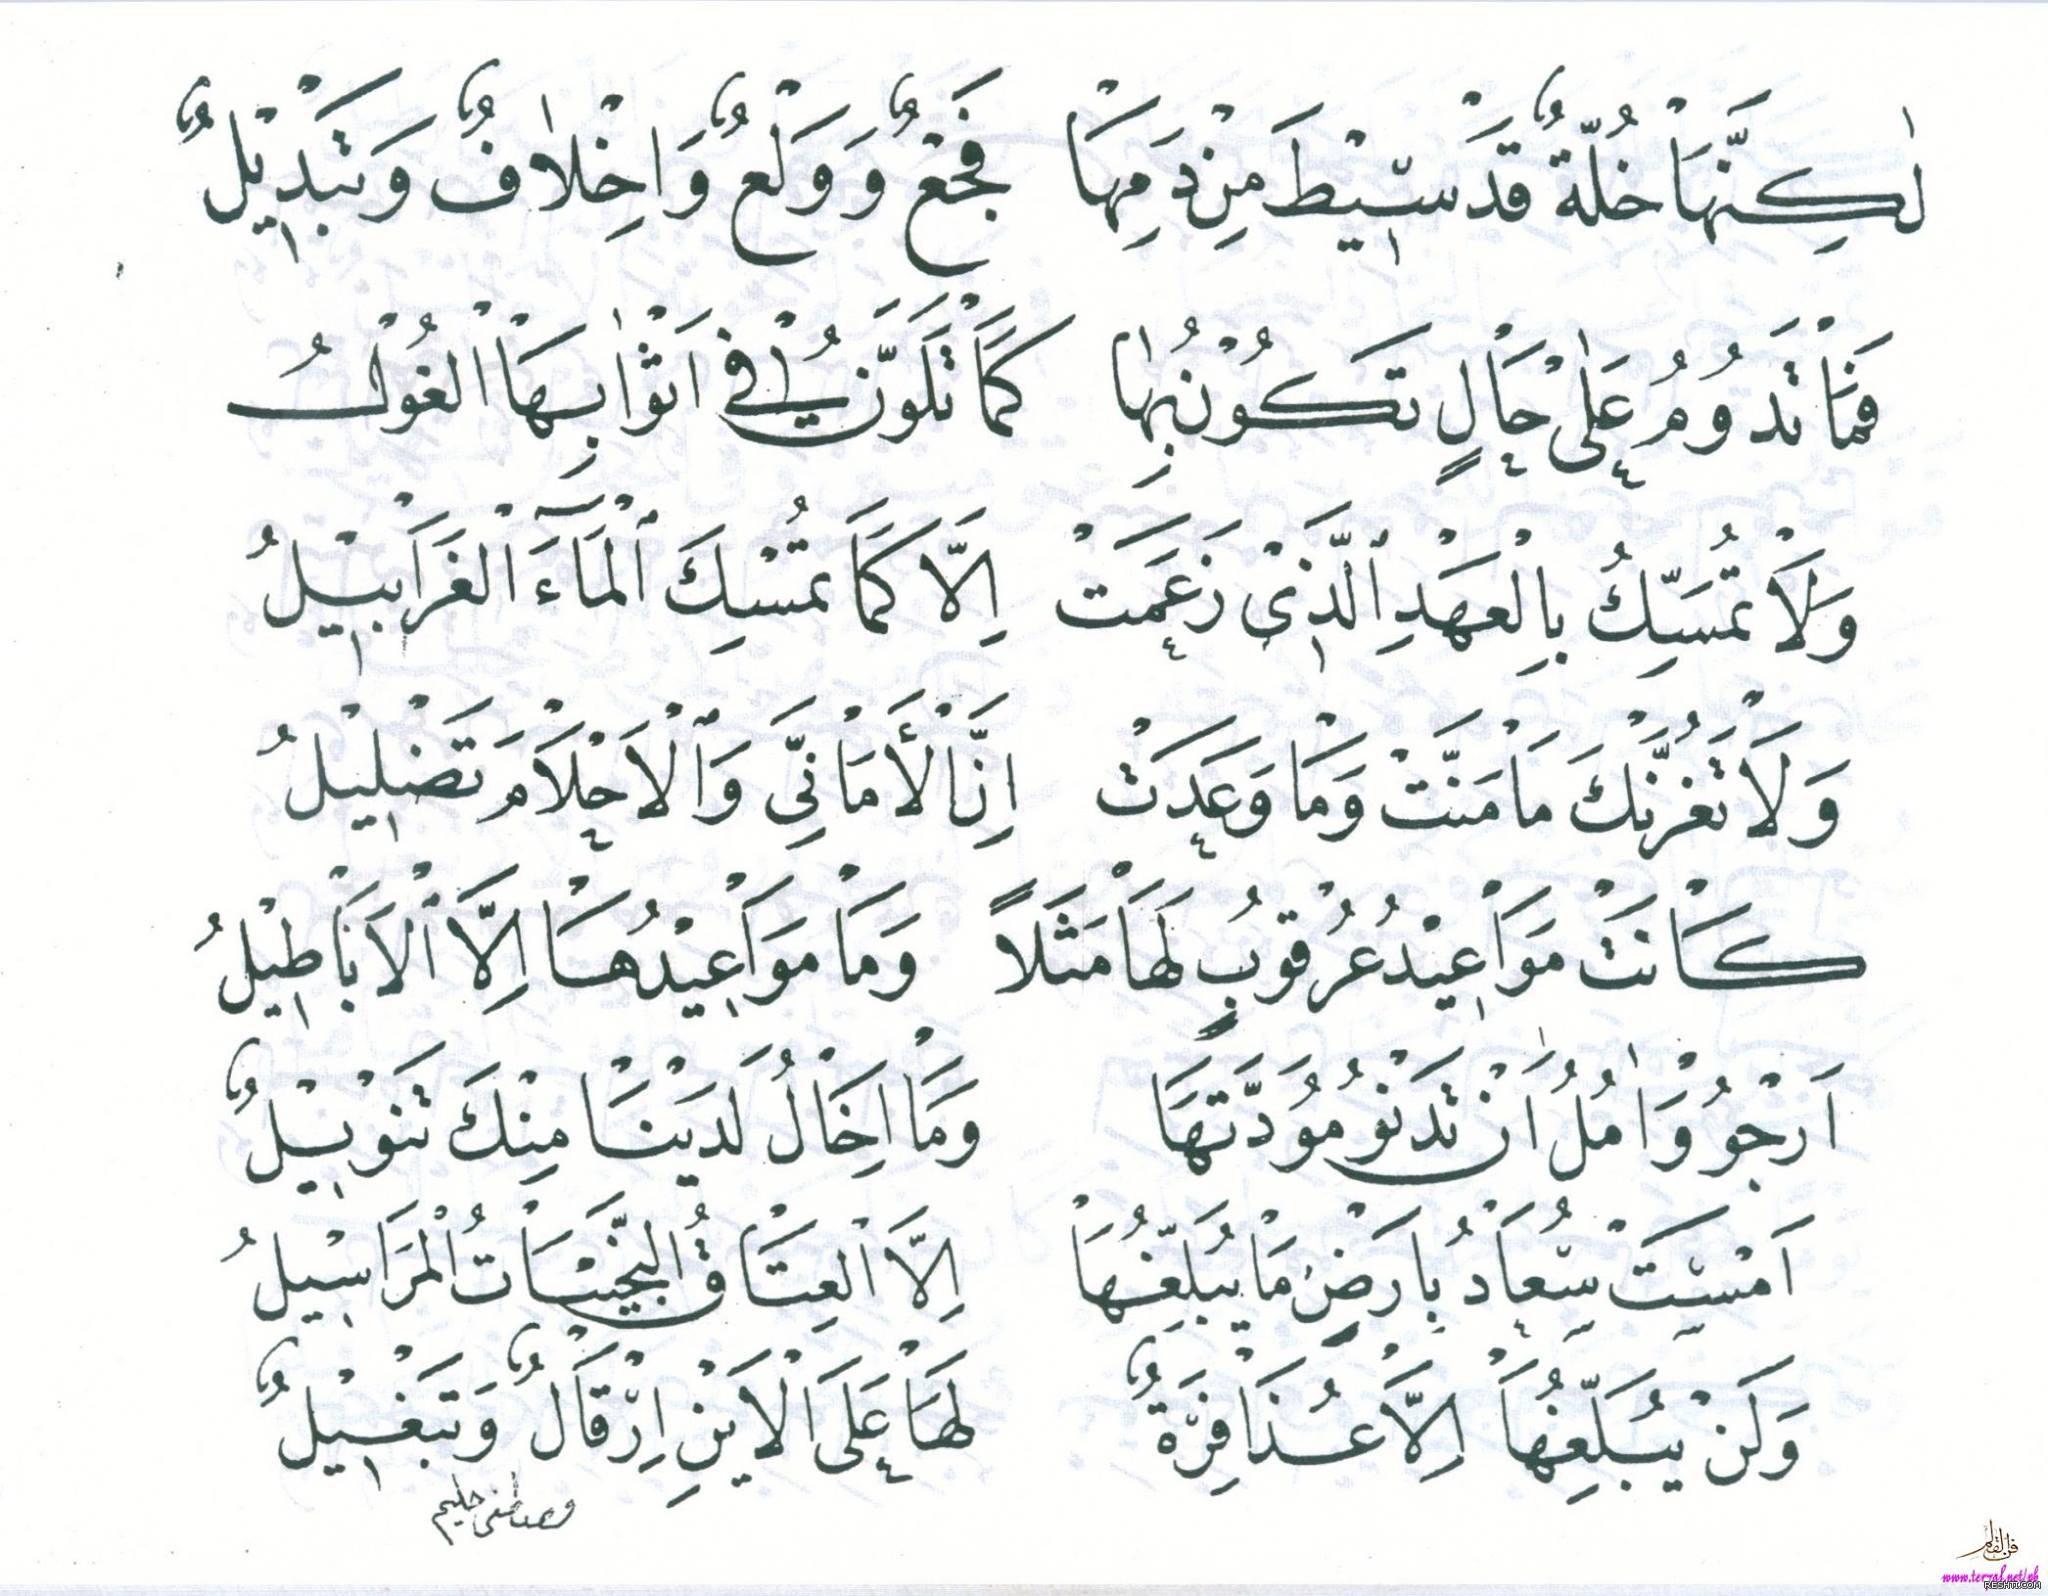 قصيدة بانت سعاد لكعب بن زهير رضي الله عنه بخط مصطفى حليم 1